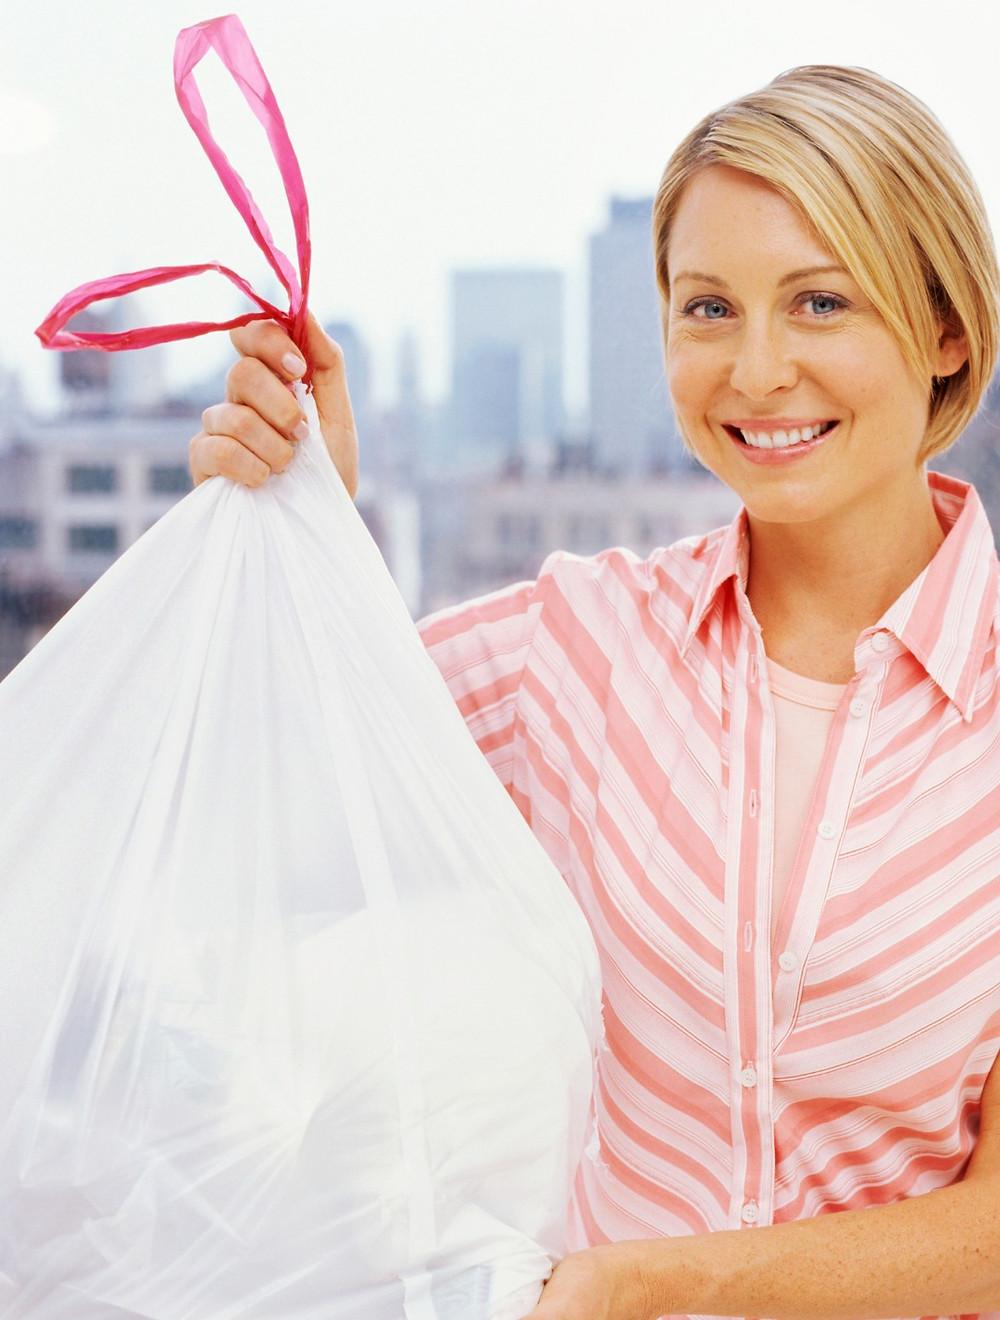 Smiling women holds up white garbage bag